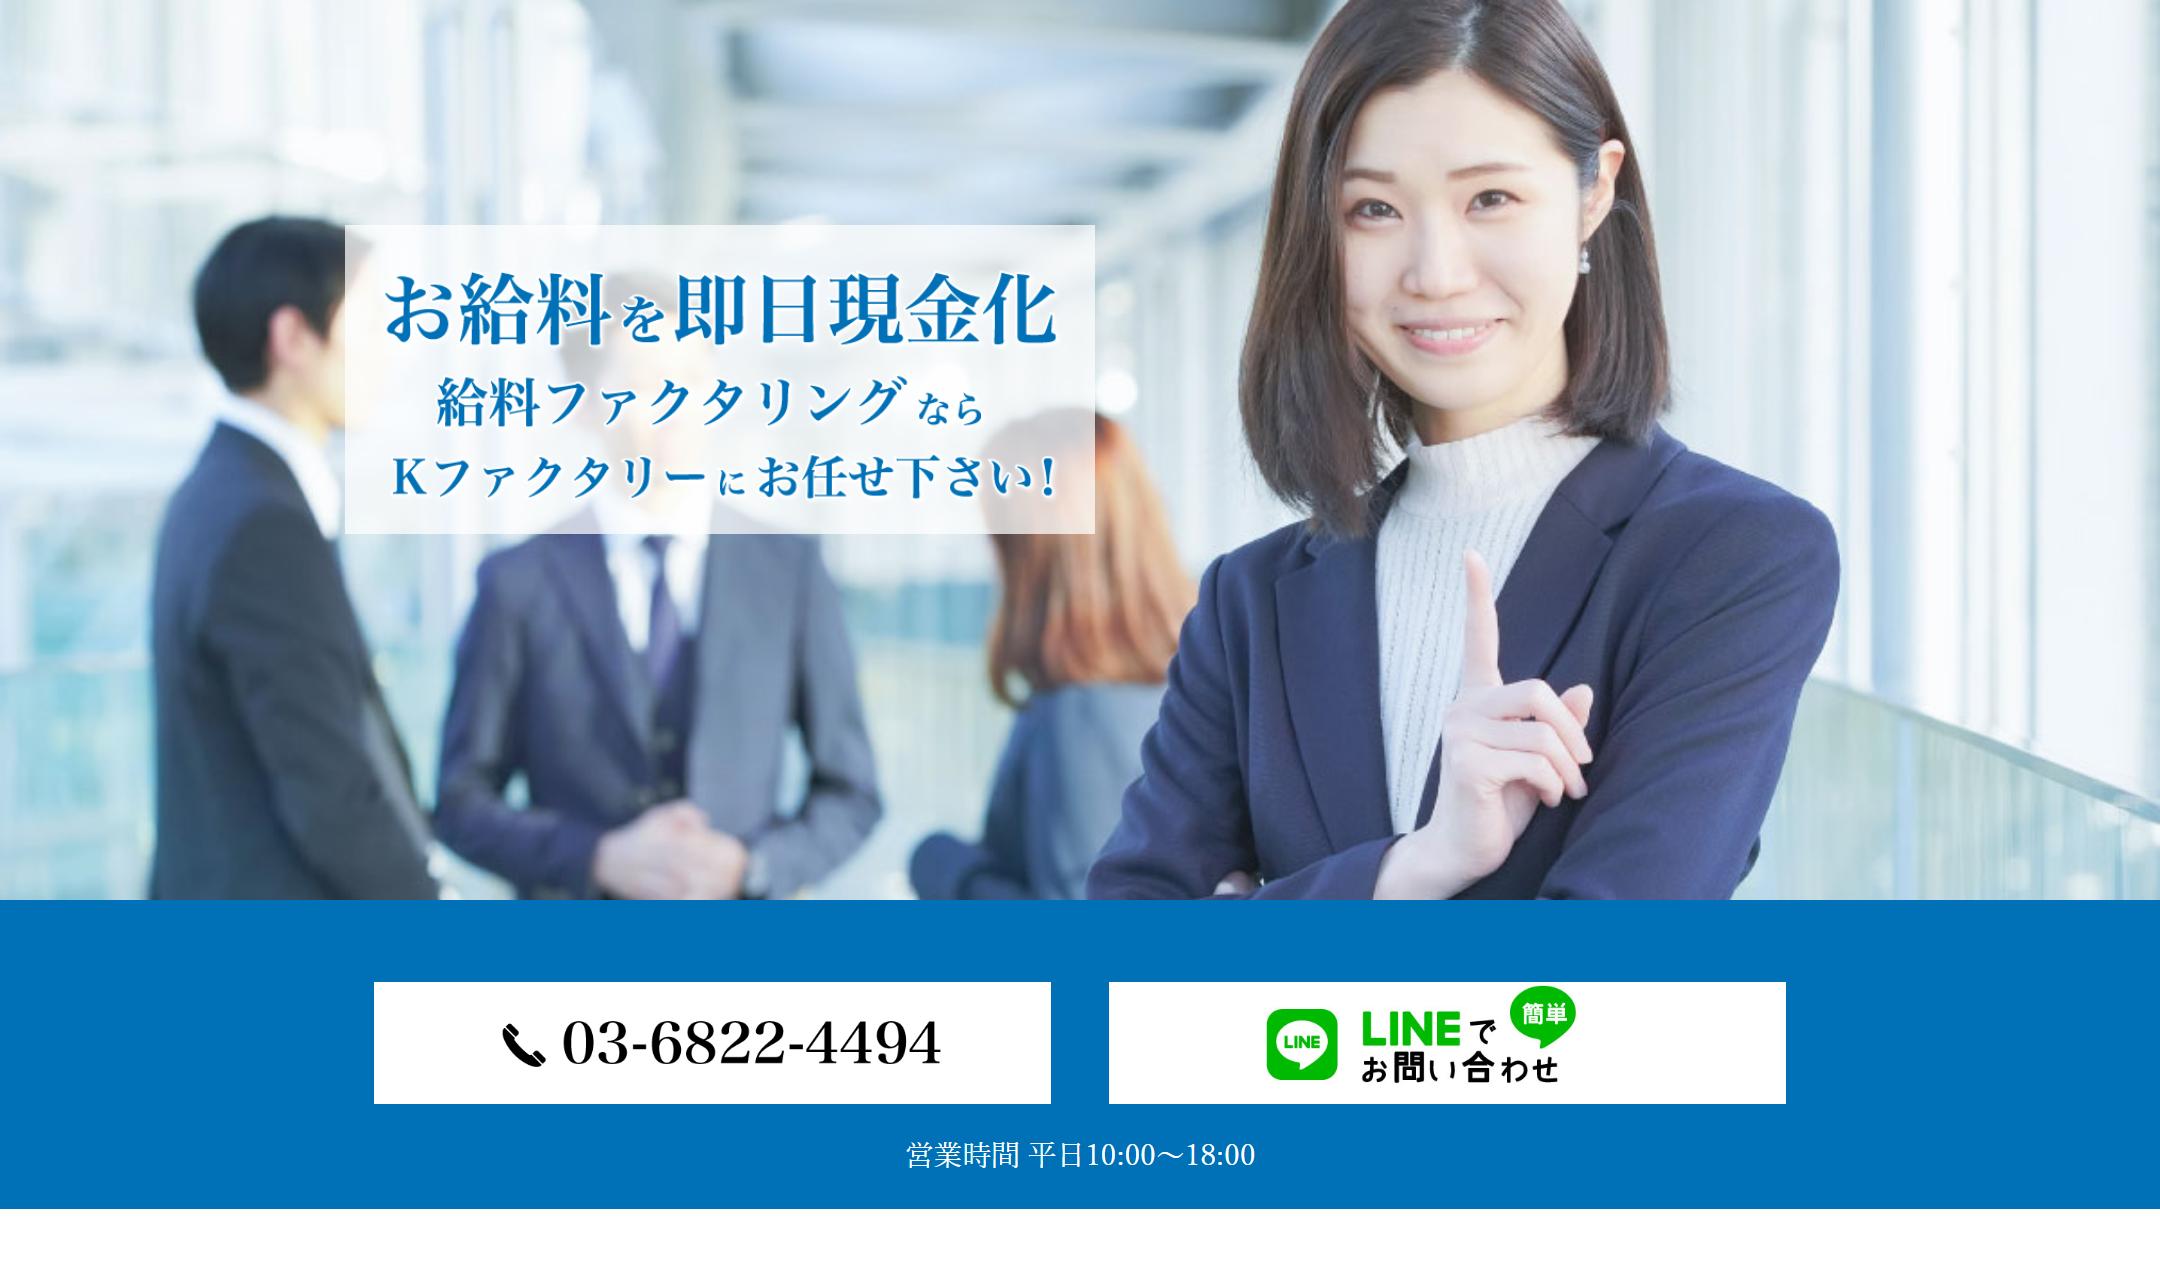 【口コミ・評判】Kファクタリー【給料ファクタリング業者】